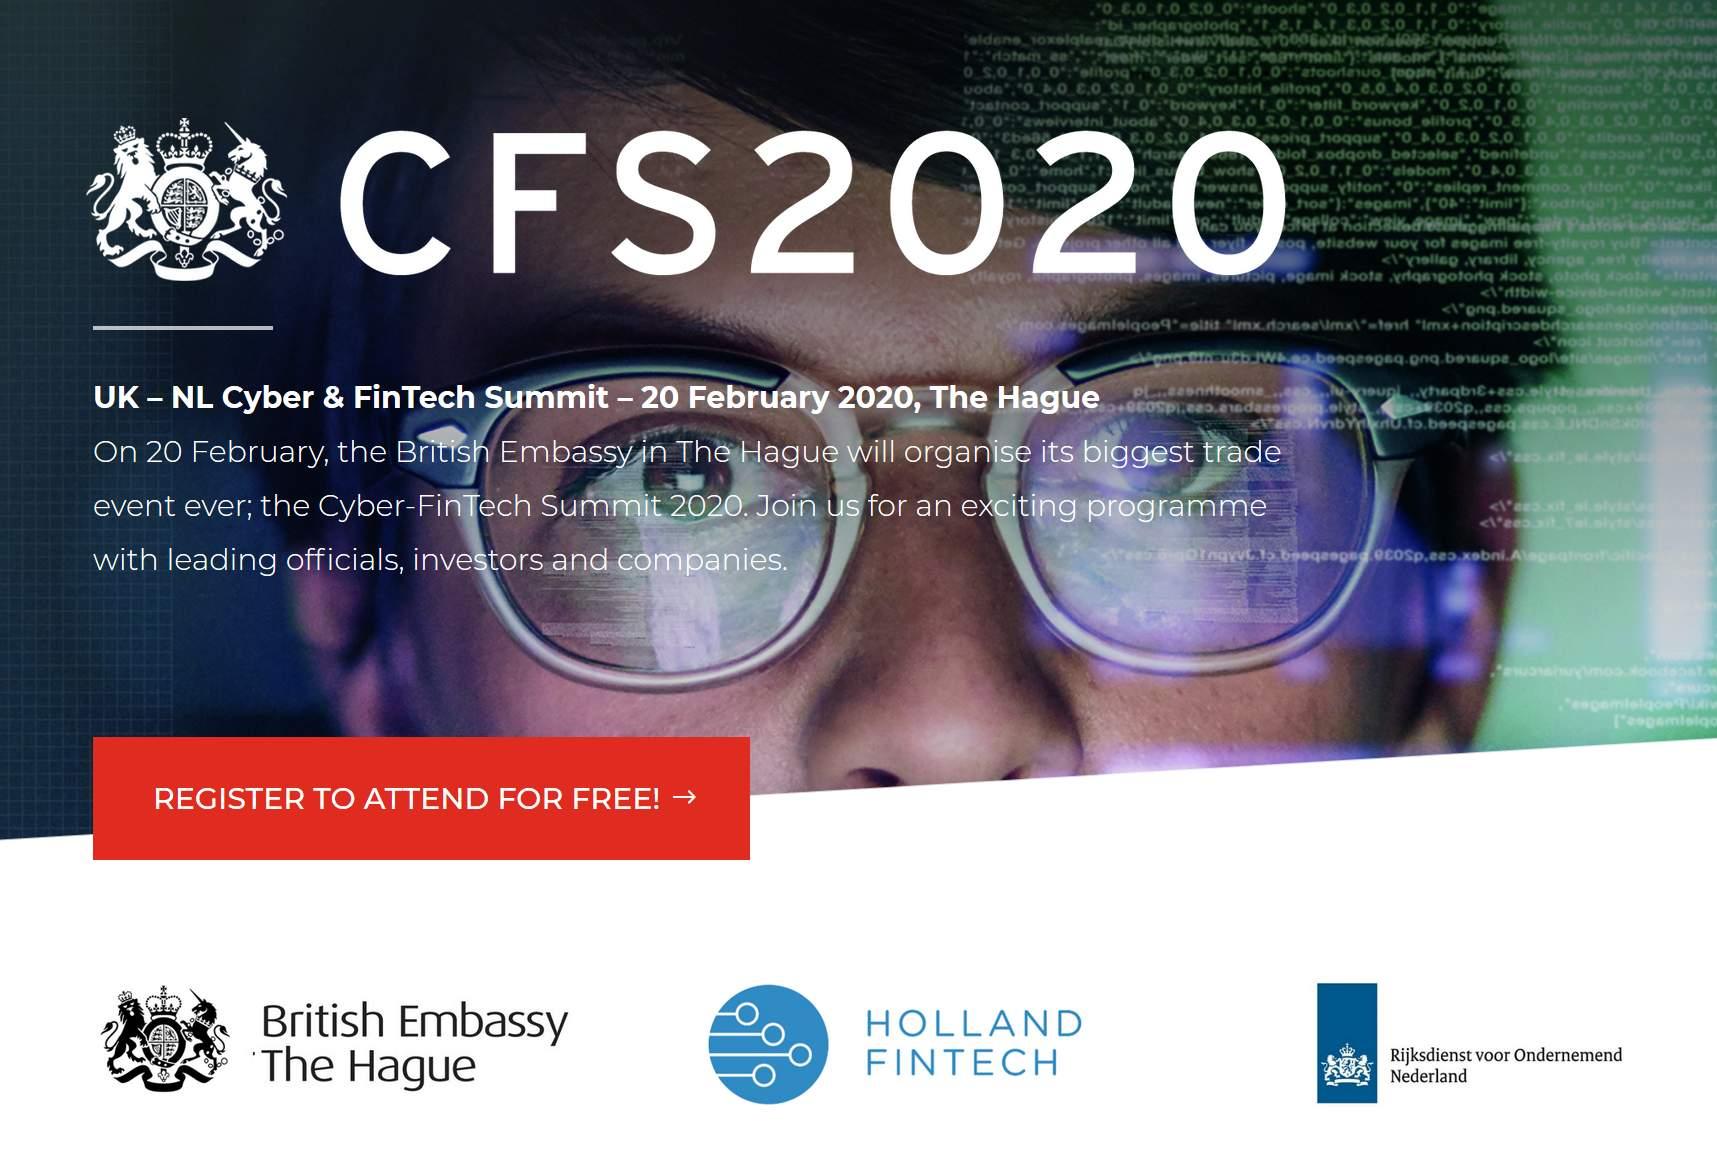 CFS2020 UK - NL Fintech Summit